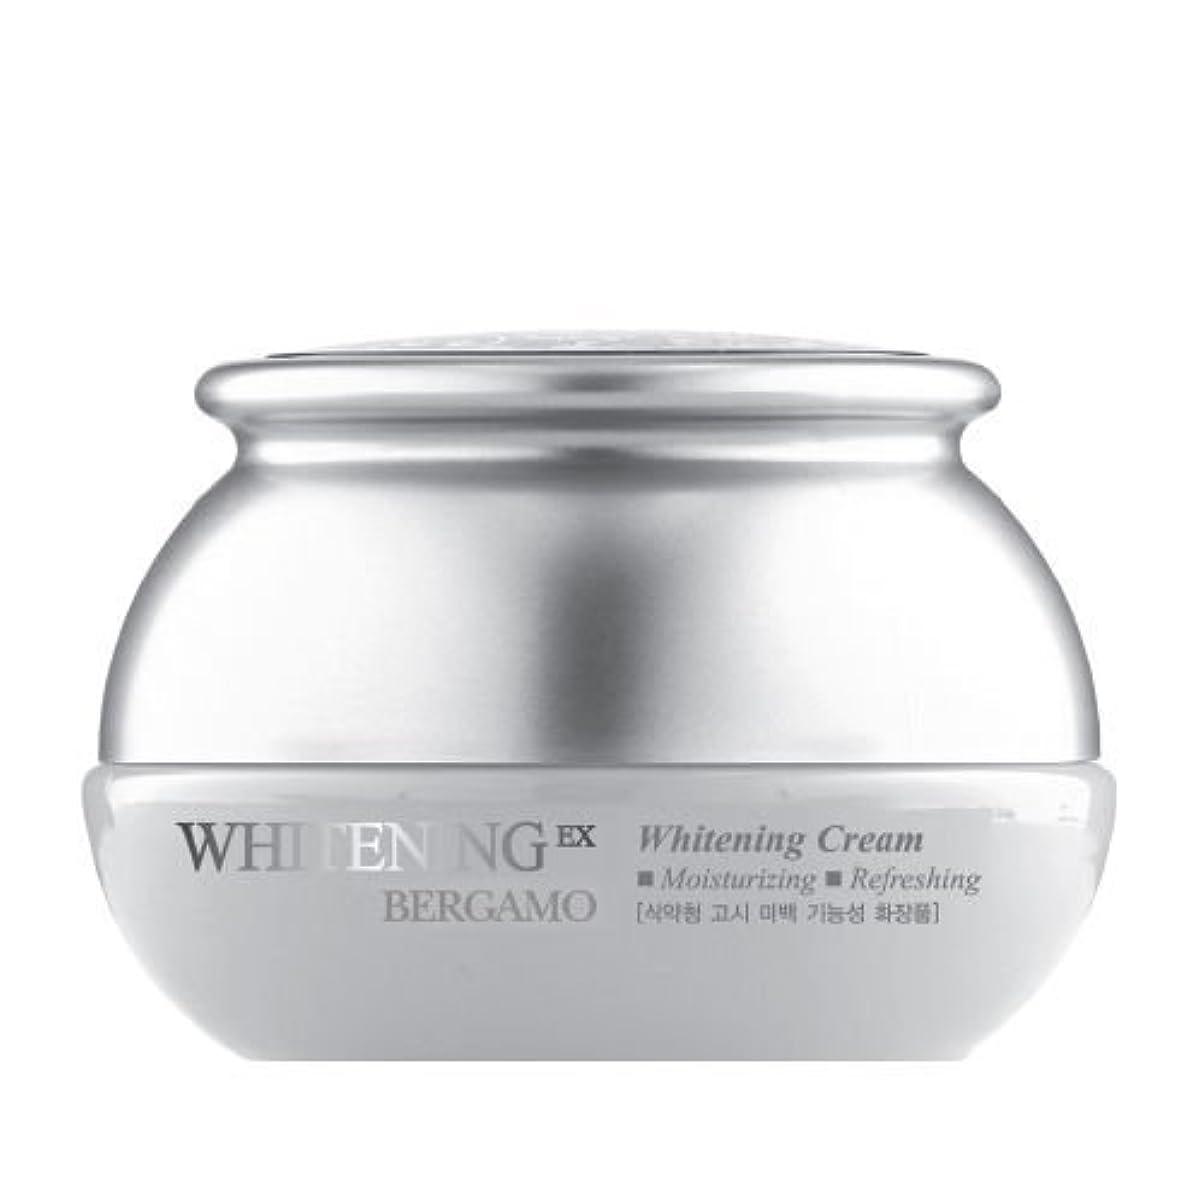 協力的一元化する樫の木ベルガモ[韓国コスメBergamo]Whitening EX Wrinkle Care Cream ホワイトニングEXリンクルケアクリーム50ml しわ管理 [並行輸入品]